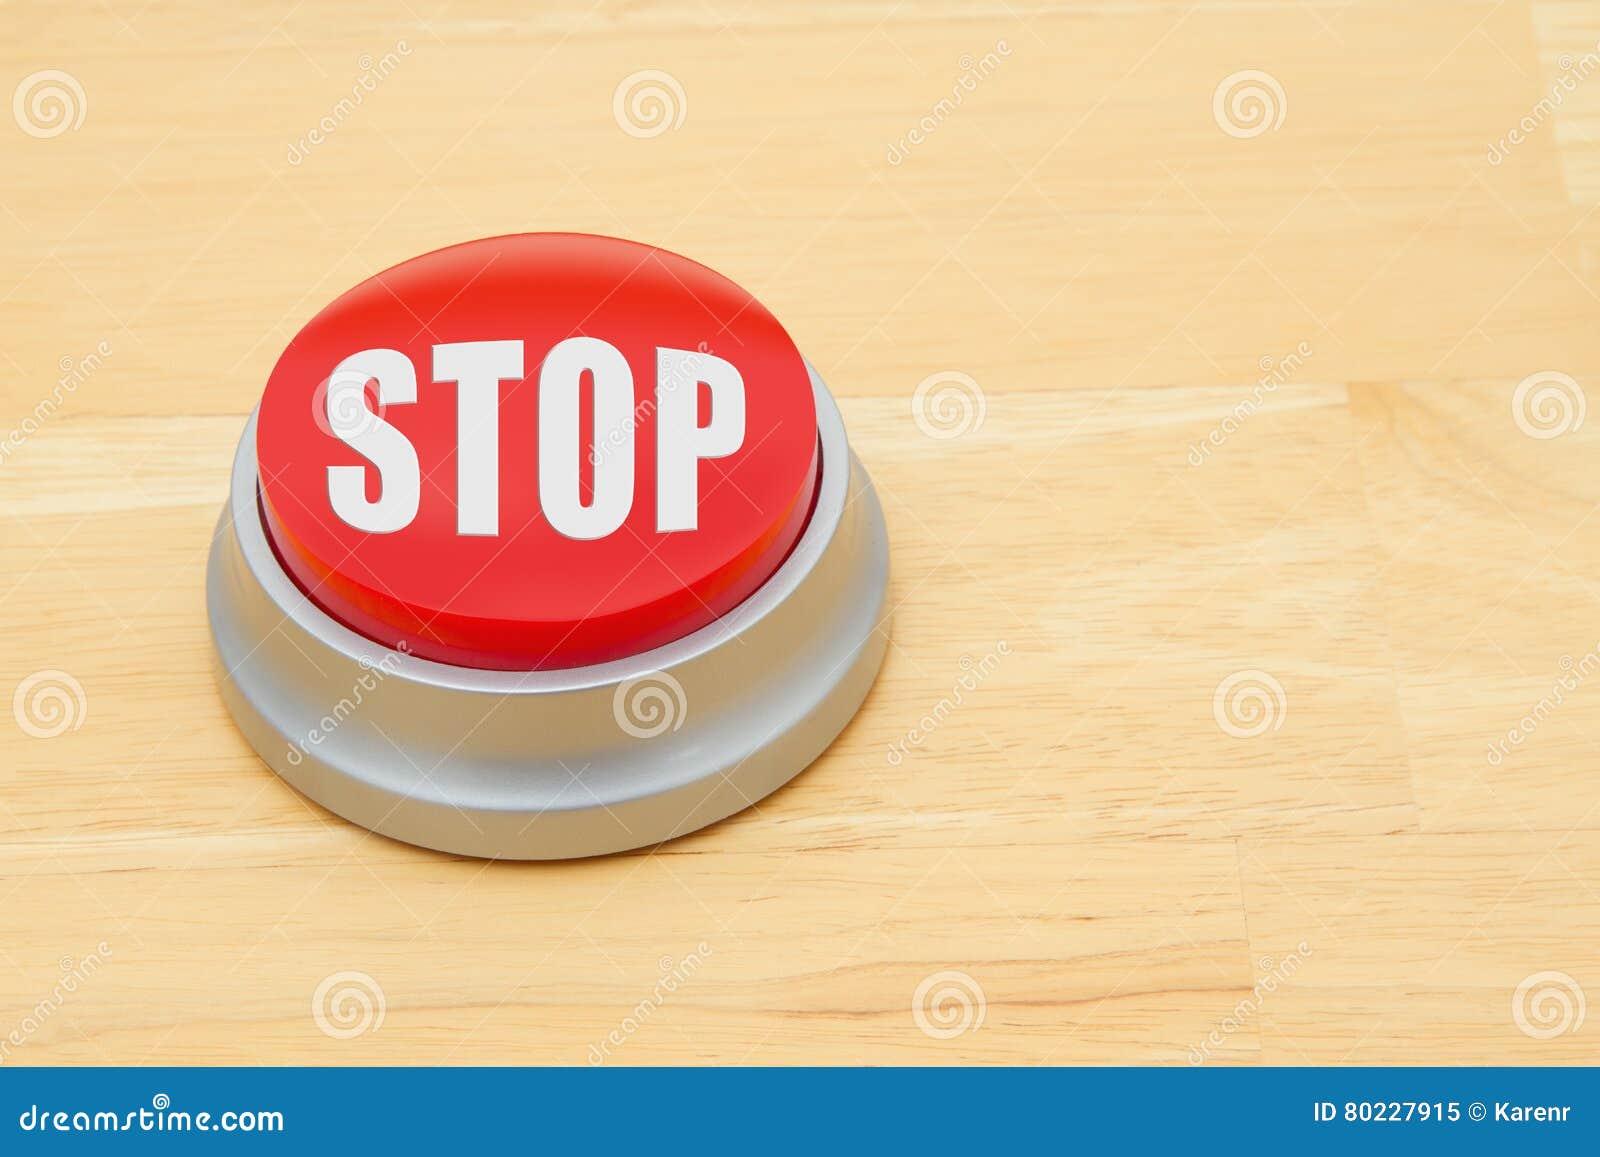 中止红色按钮